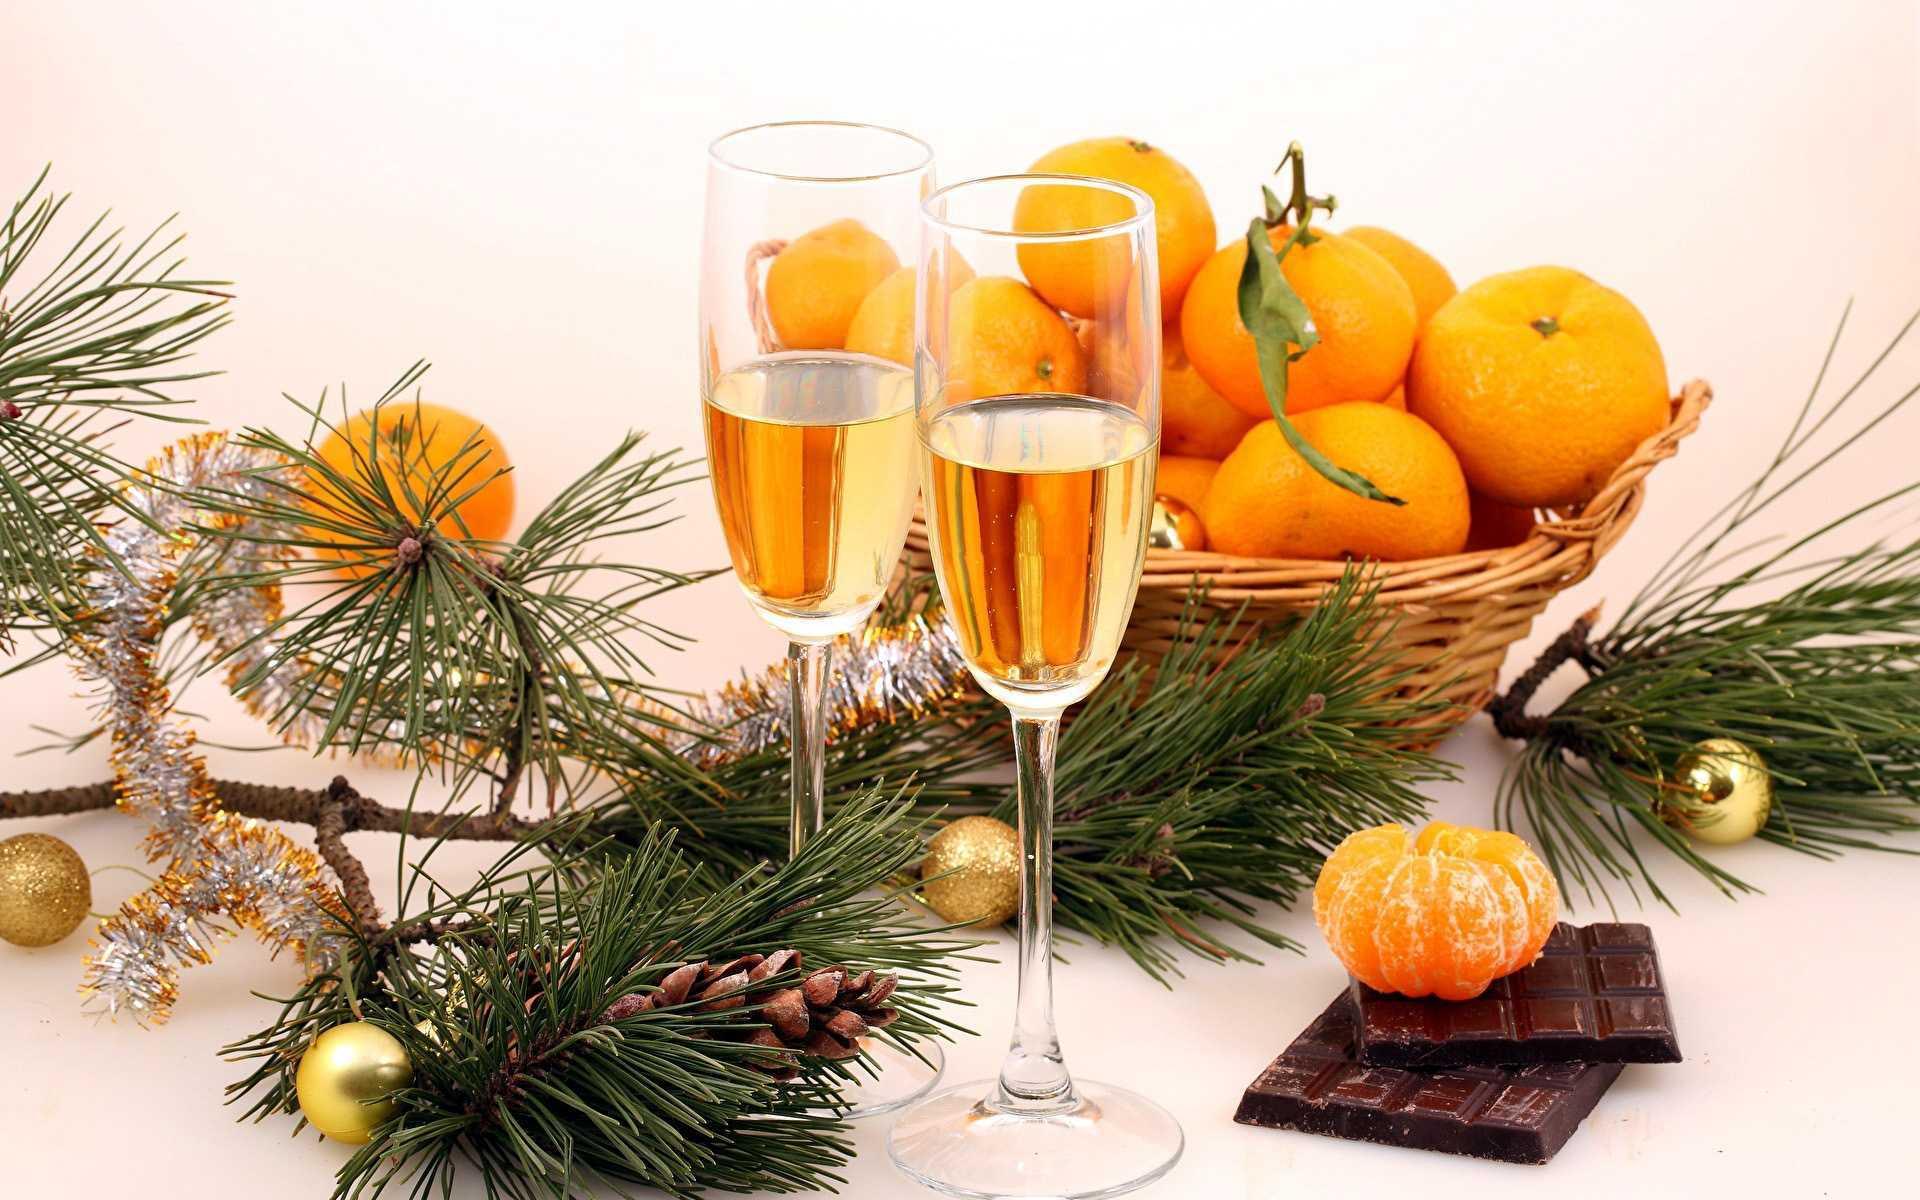 Самогон на апельсинах и мандаринах: рецепты в домашних условиях, фото, видео